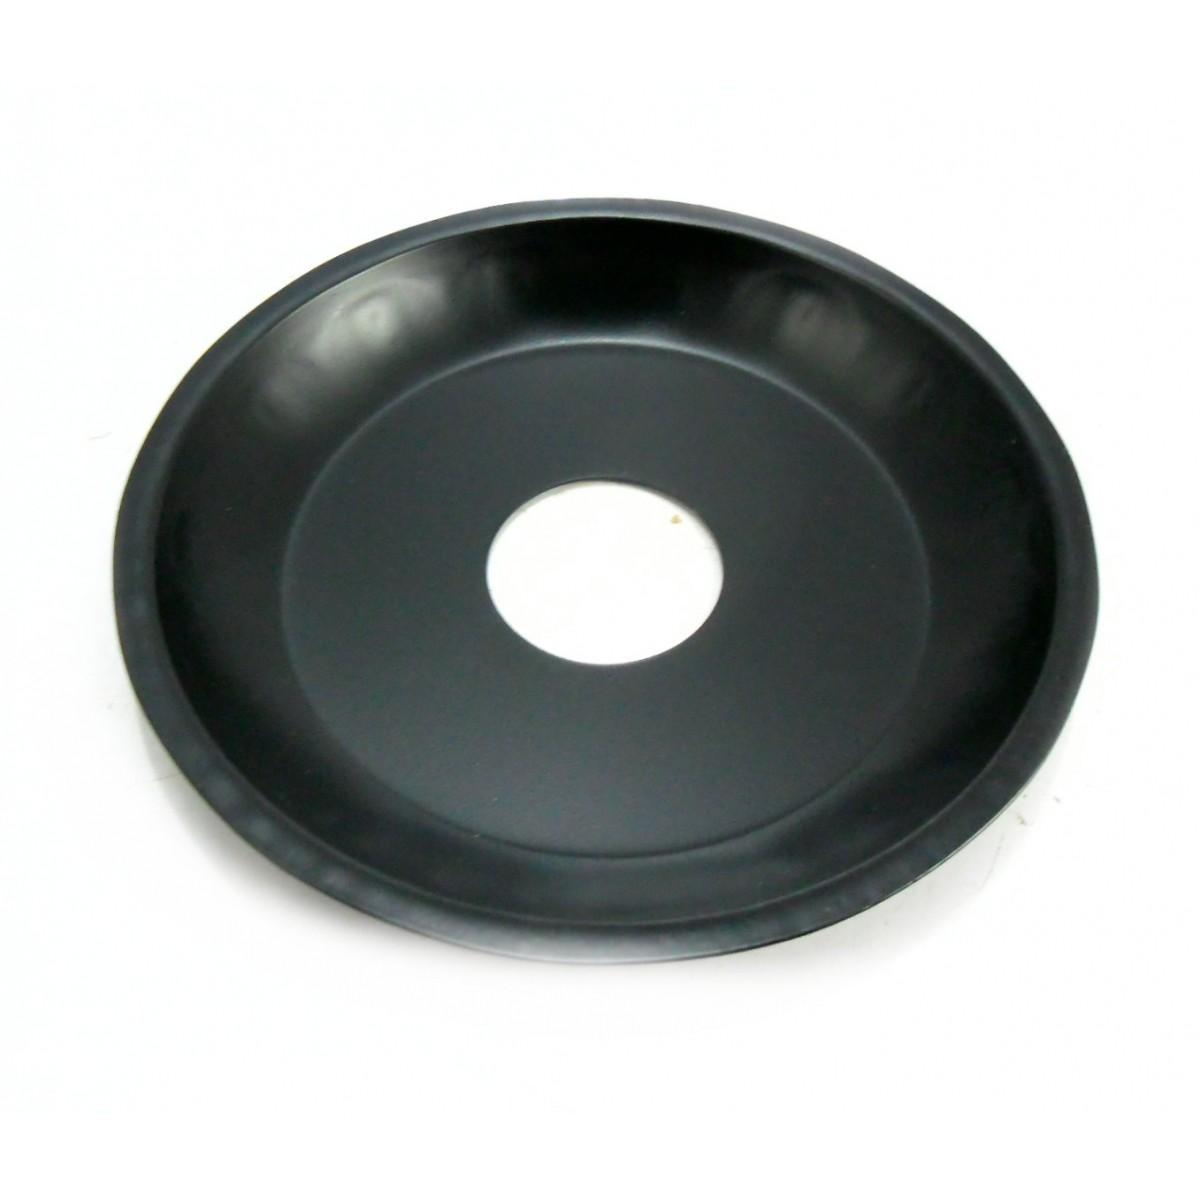 Prato para Narguile 15cm de diâmetro, pintado, 4cm de diâmetro furo.